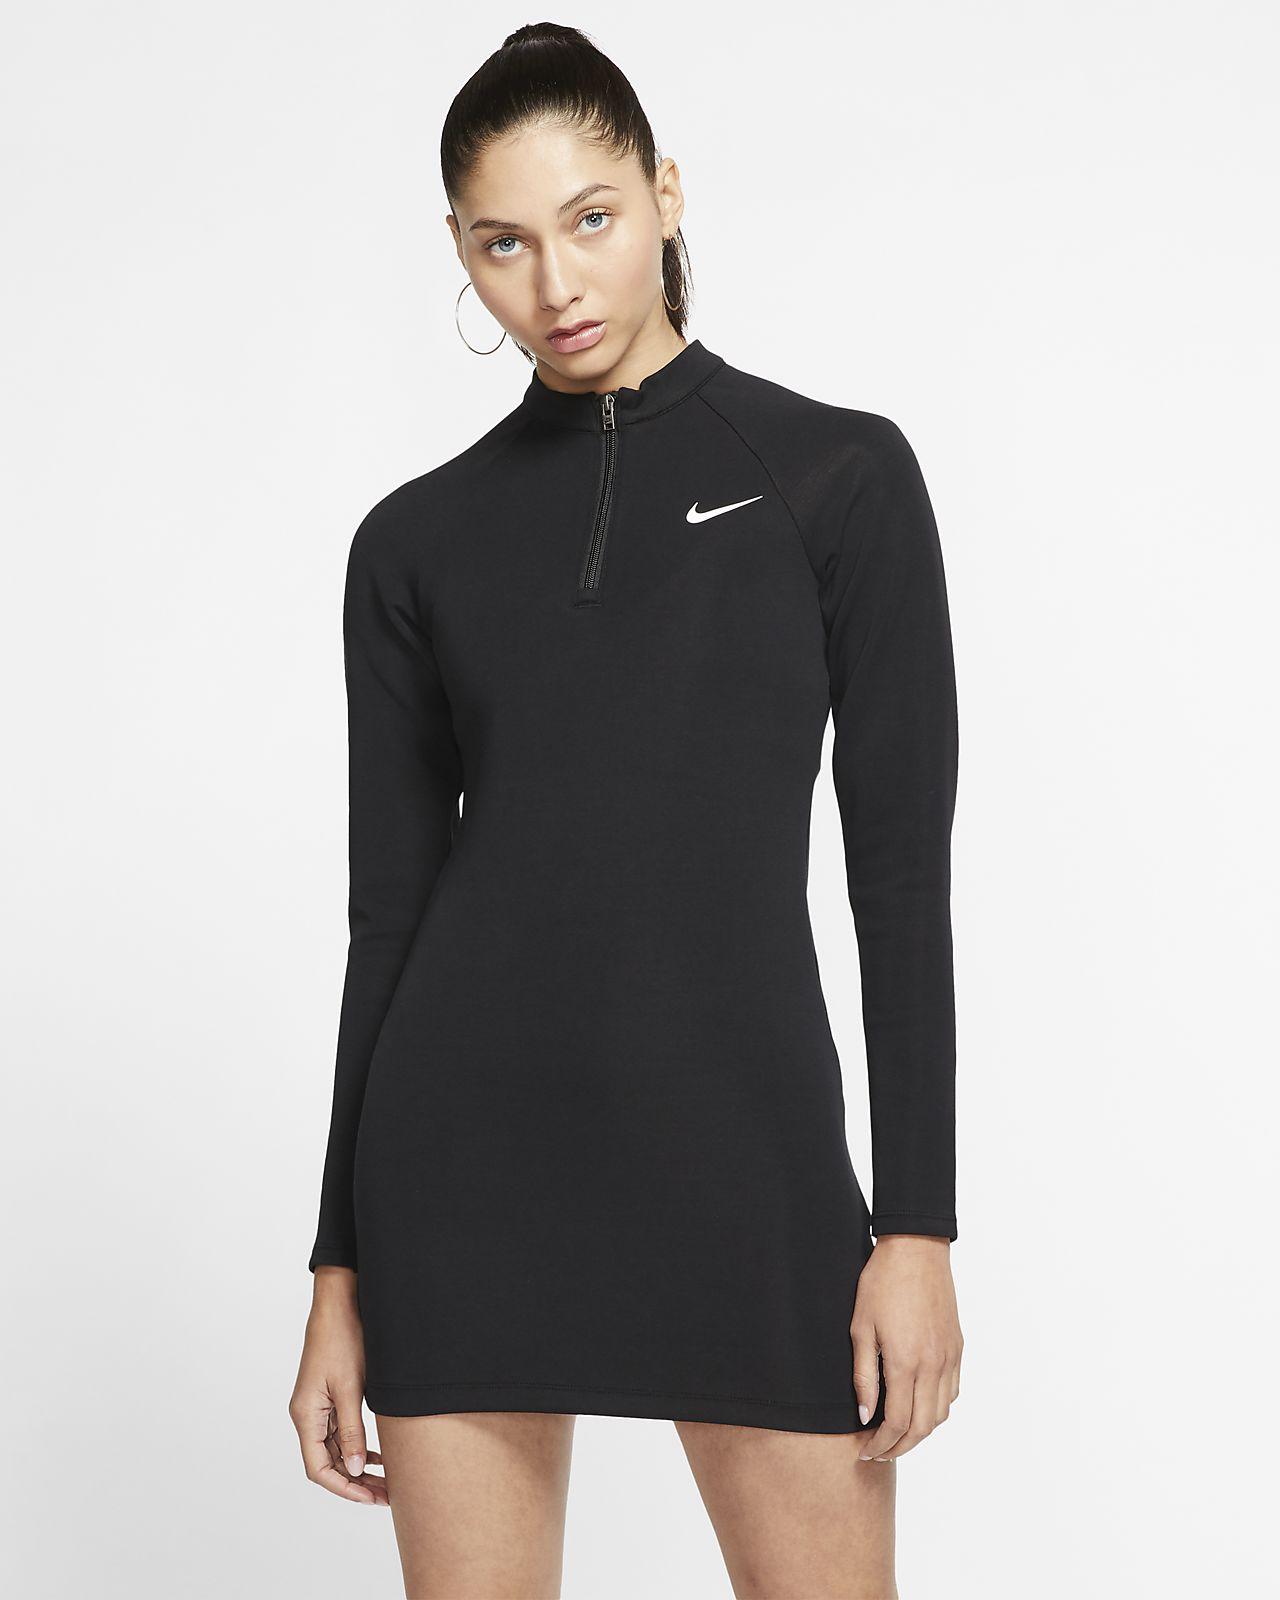 Nike Sportswear Women's Long-Sleeve Dress